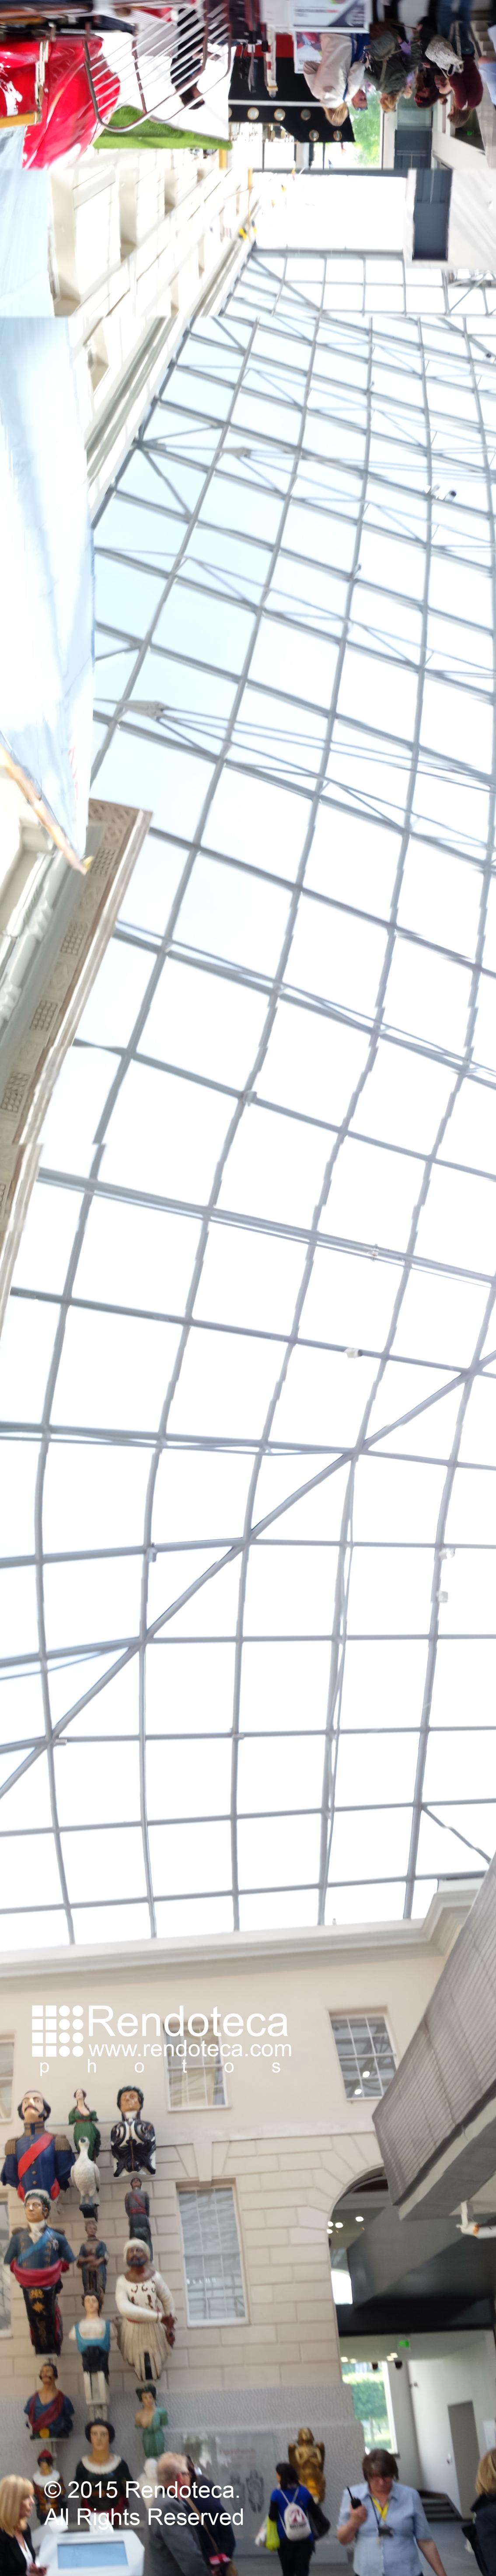 Rendoteca's photos PANOramas #RendotecaStudio #ArchitecturalVisualization and CGI www.rendoteca.com